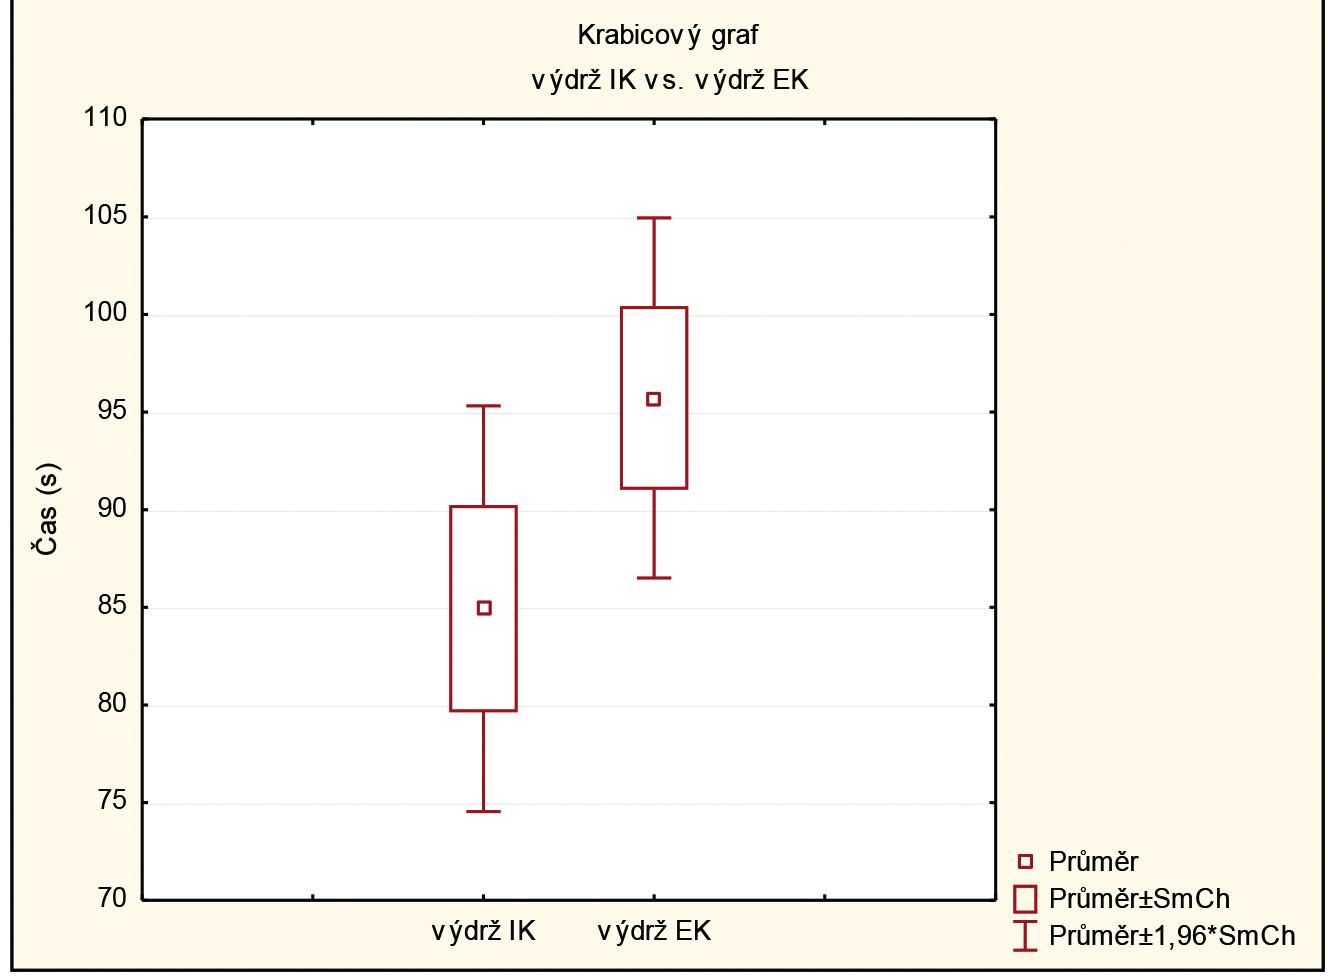 Párové porovnání výdrže interní kognice vs. externí kognice. Legenda: výdrž IK - průměrná výdrž v rámci třech intervencí dřepu Wall Sit během interního zaměření pozornosti, výdrž EK - průměrná výdrž v rámci třech intervencí dřepu Wall Sit během externího zaměření pozornosti.